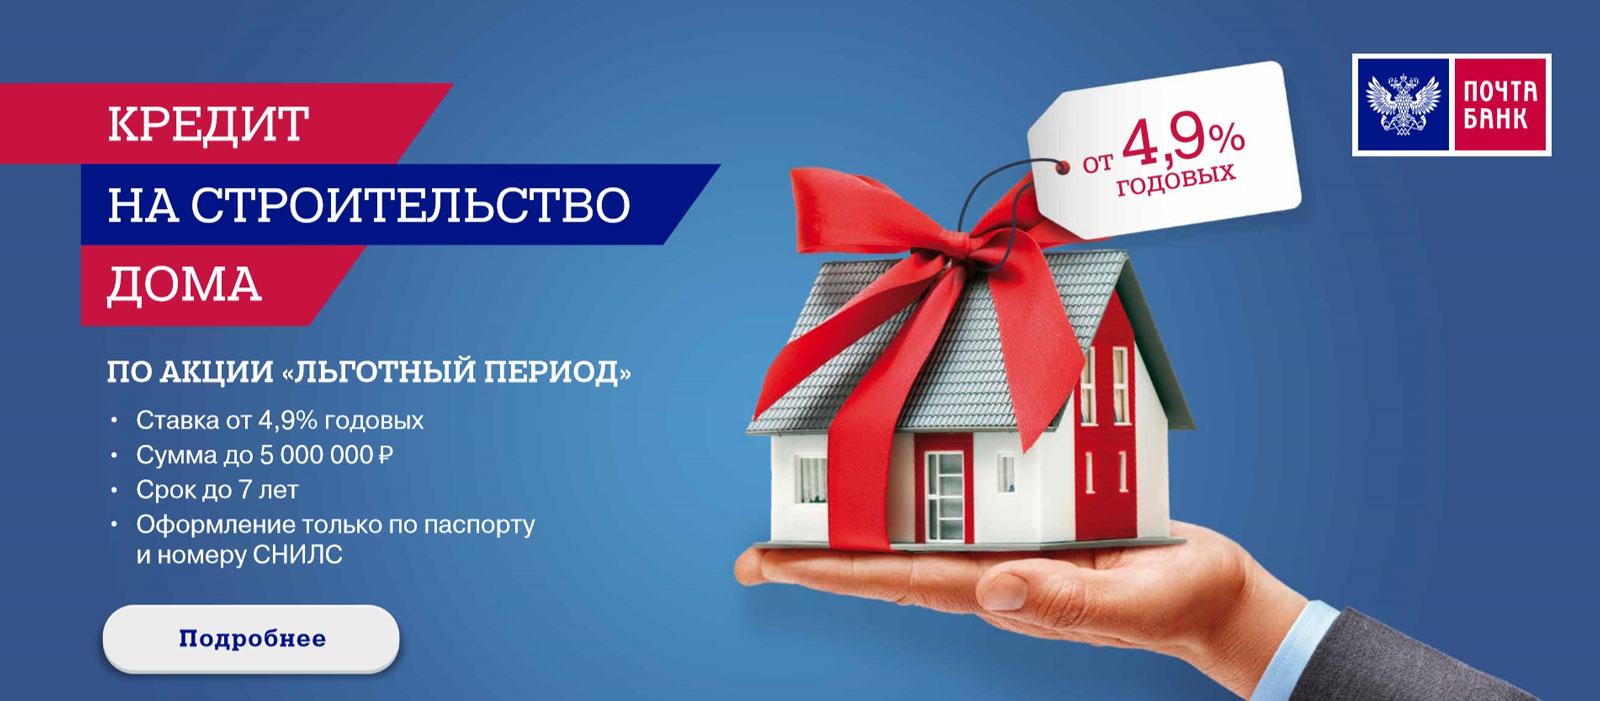 Дом в кредит